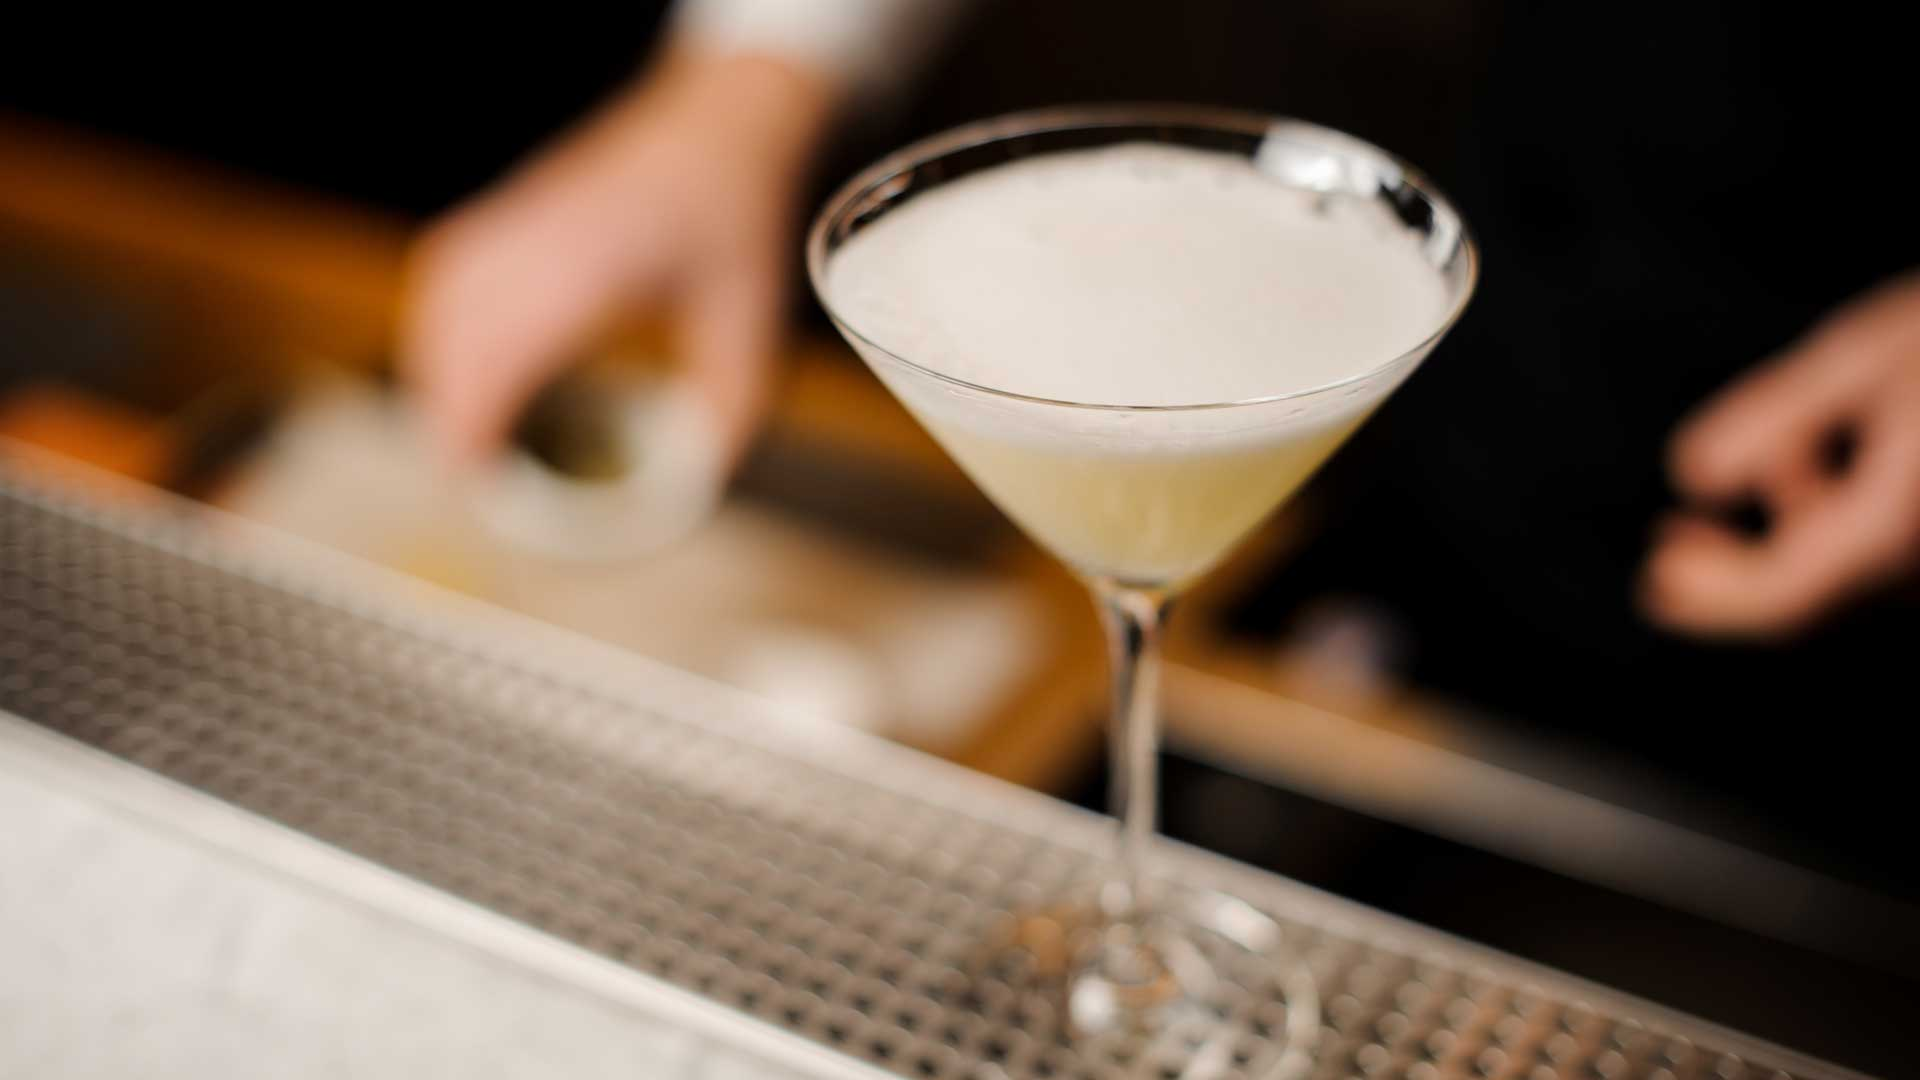 Kamikaze-cocktail-ricetta-storia-Coqtail-Milano